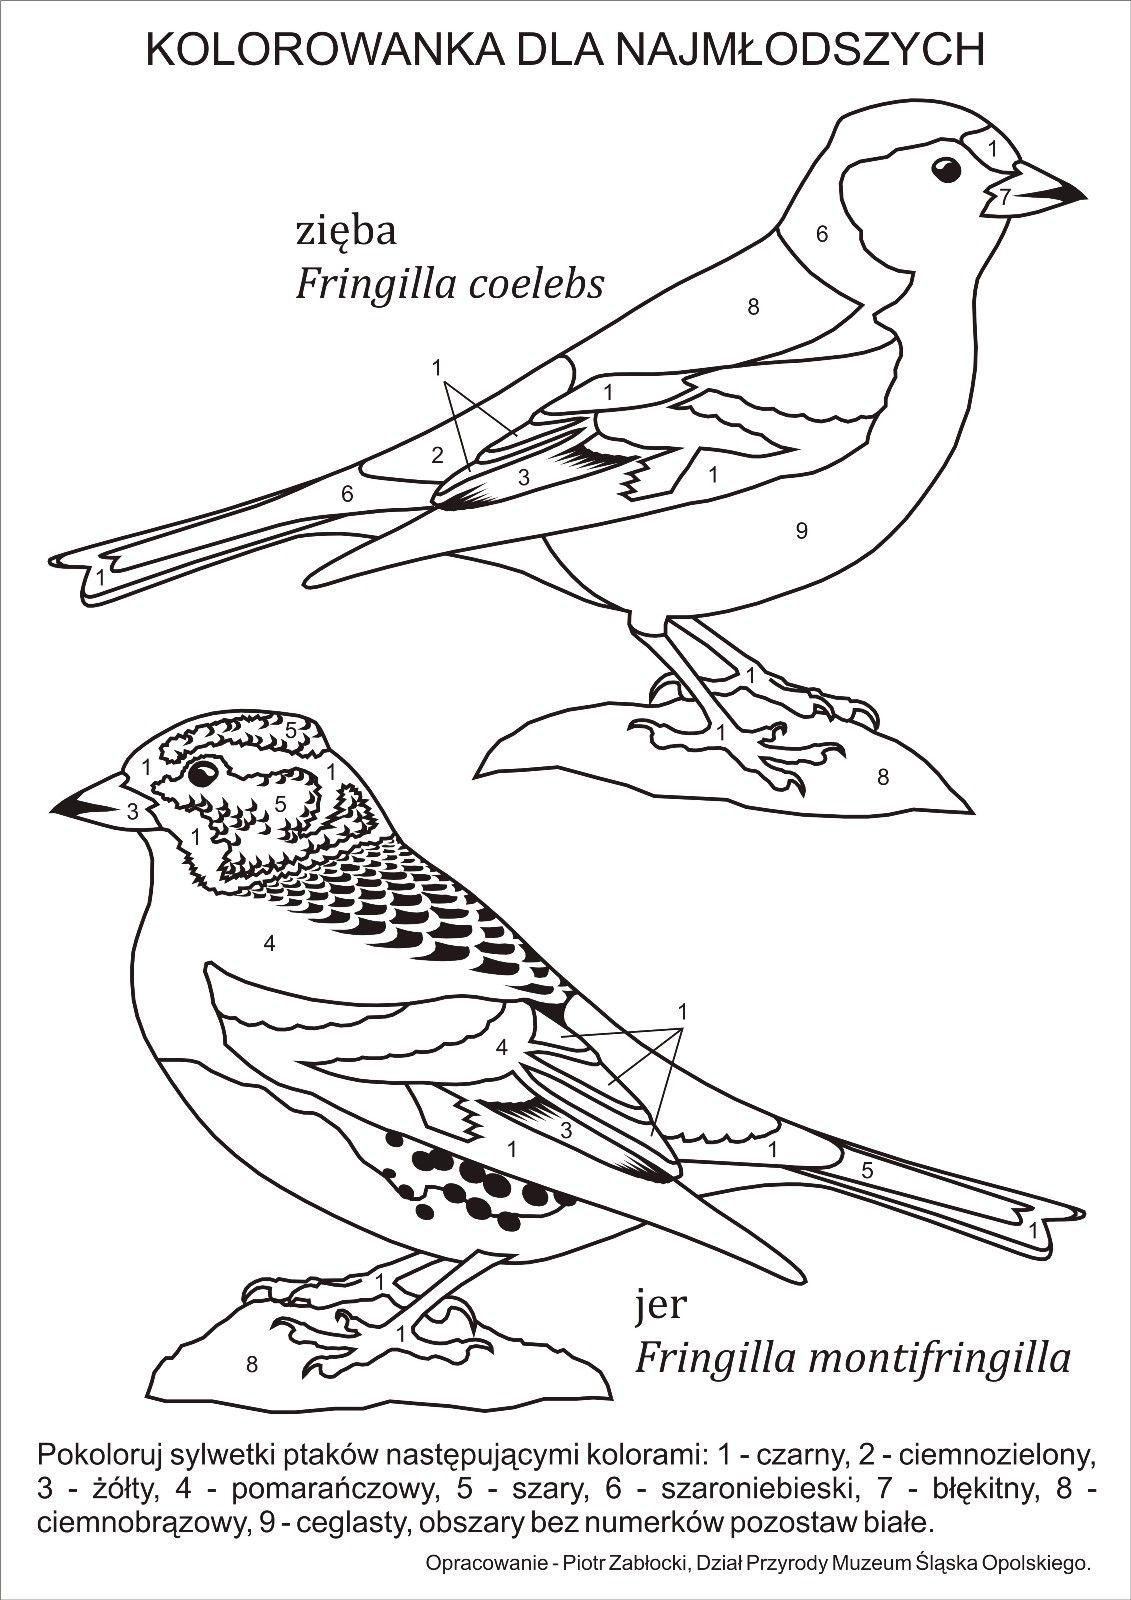 Z Notatnika Przyrodnika Muzealnika Rozpoznawanie Zieby Fringilla Coelebs I Jera Fringilla Montifringilla Dla Najmlodszyc Colouring Pages Bird Coloring Pages